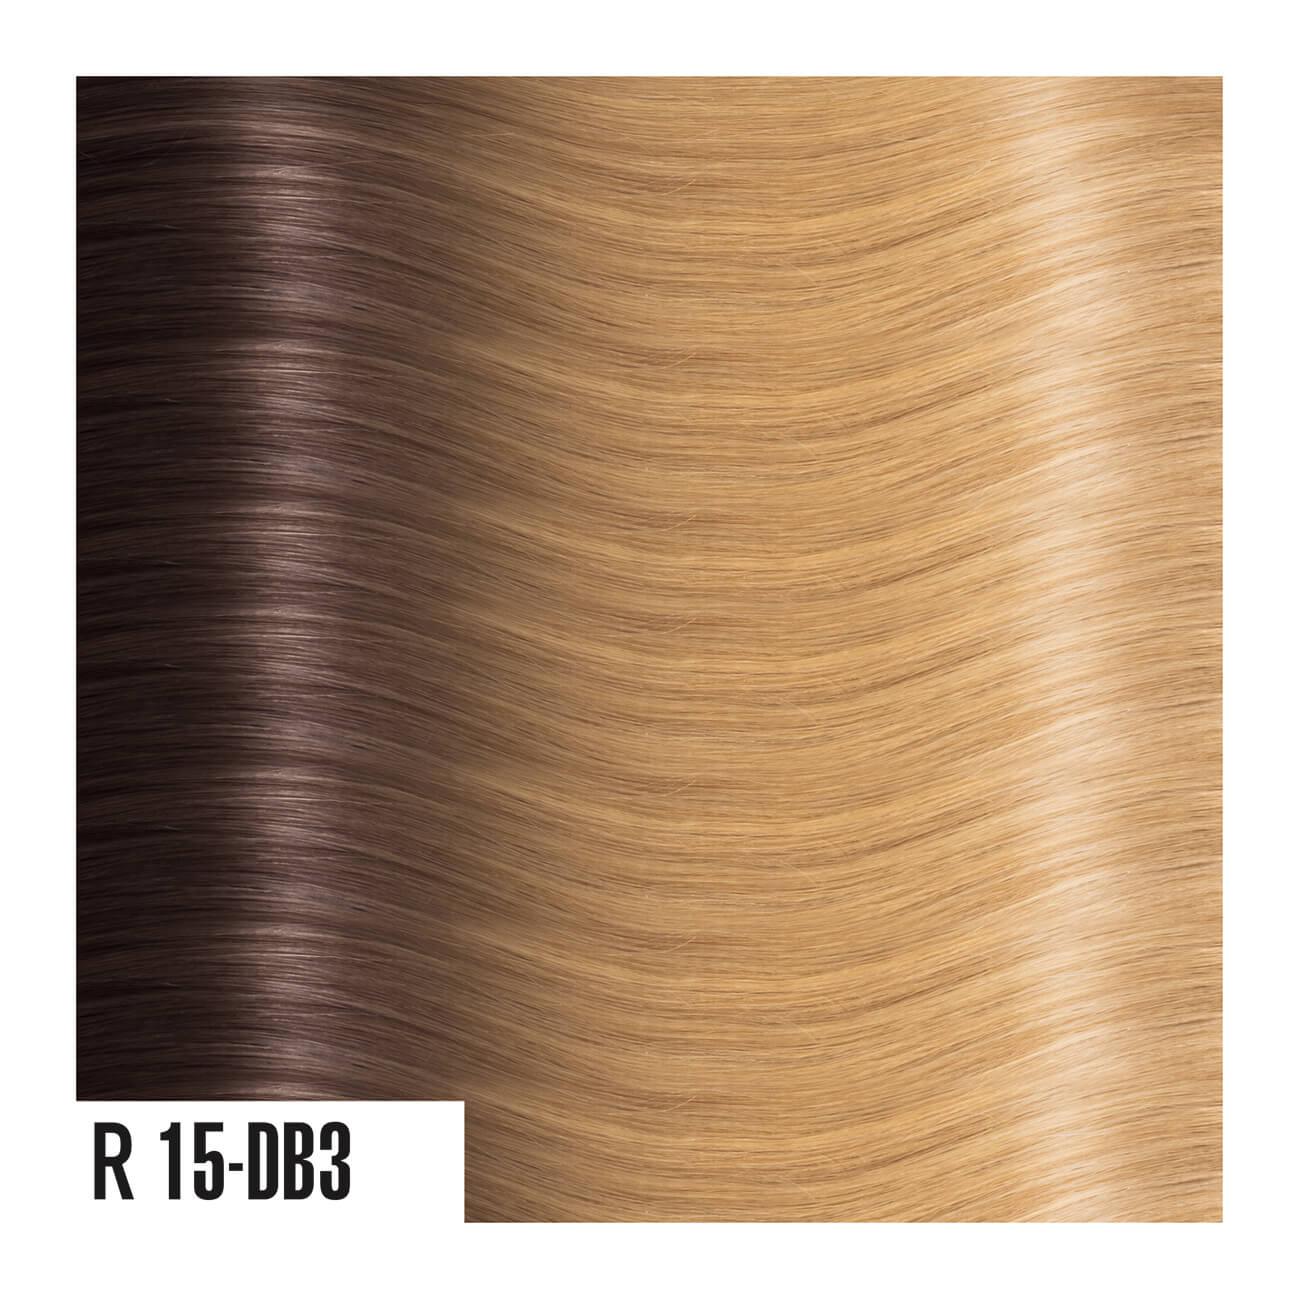 R15-DB3